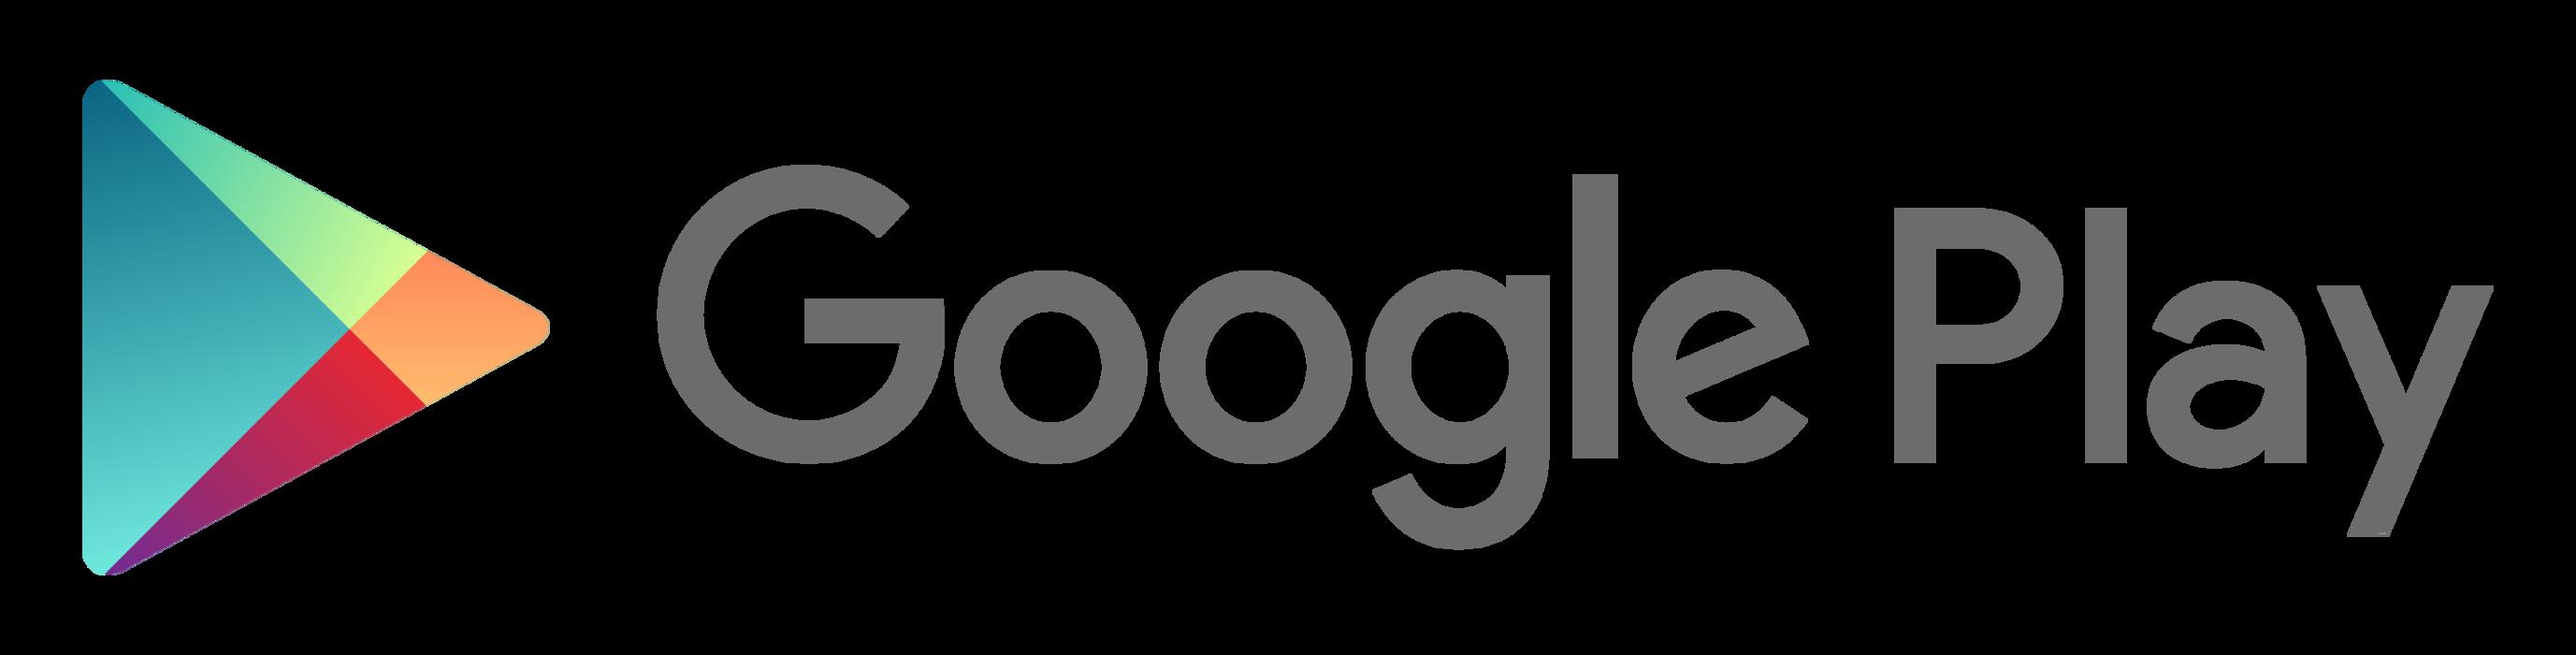 Logo-google-play-transparent-PNG.png